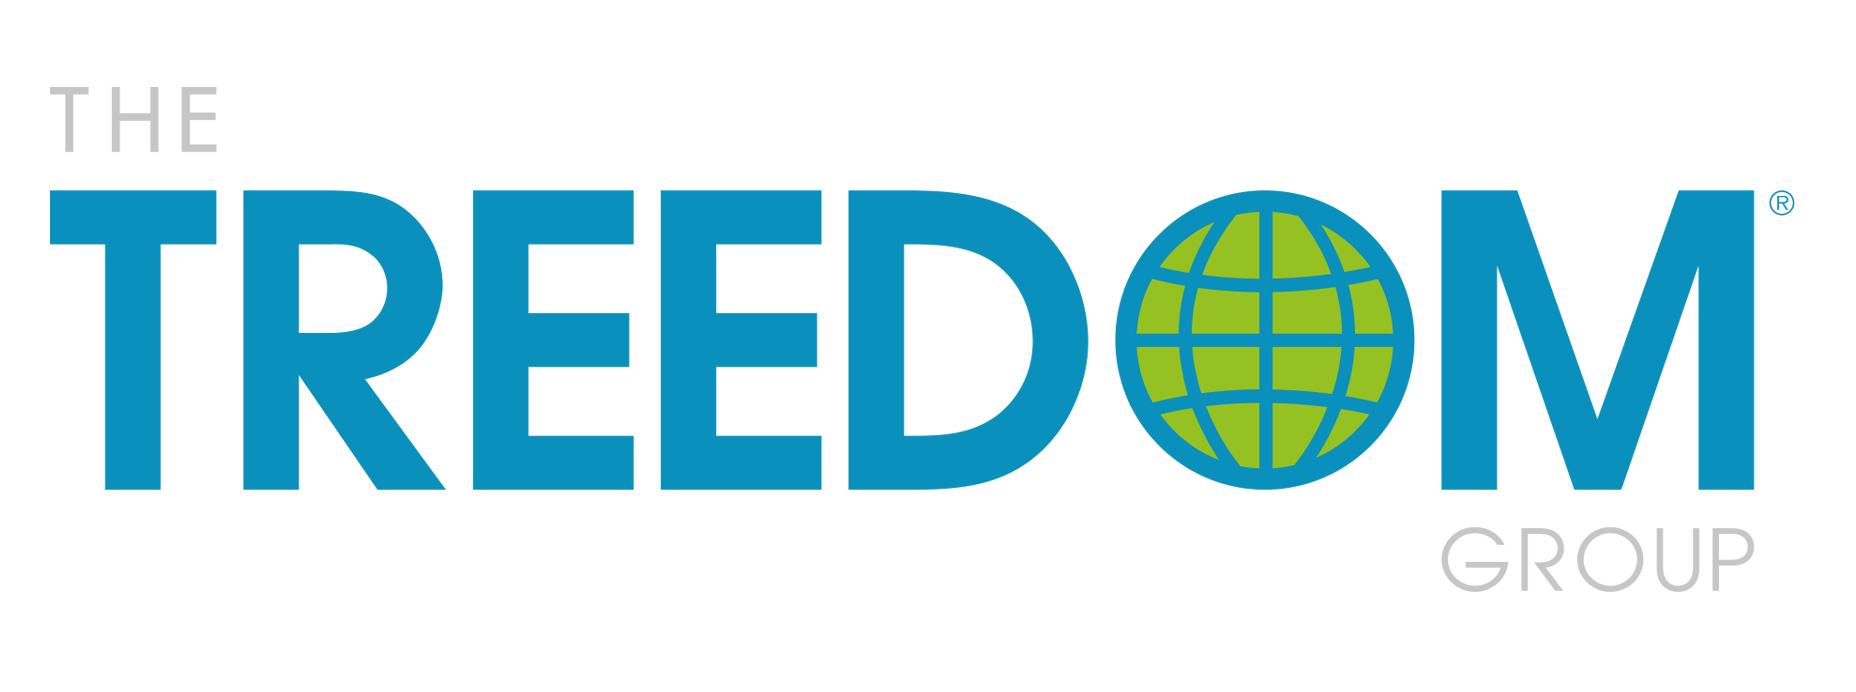 TheTreedomGroup-Logo